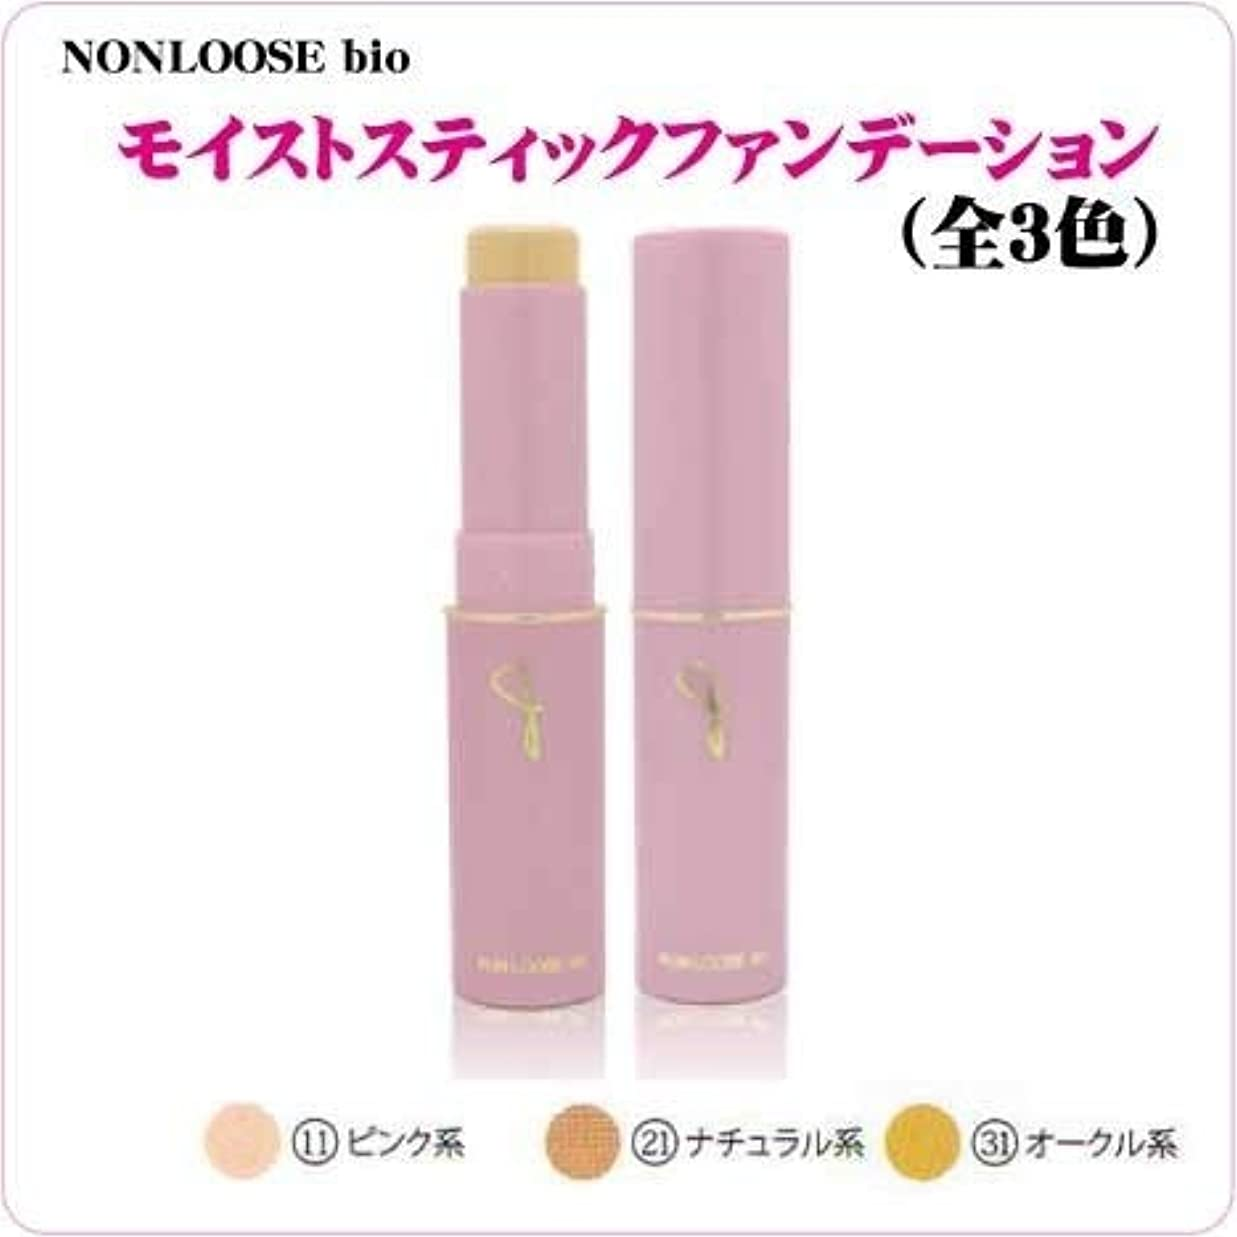 柔和上院議員談話ベルマン化粧品 ノンルースビオ モイストスティックUV 全3色 (NO.21 ナチュラル系)